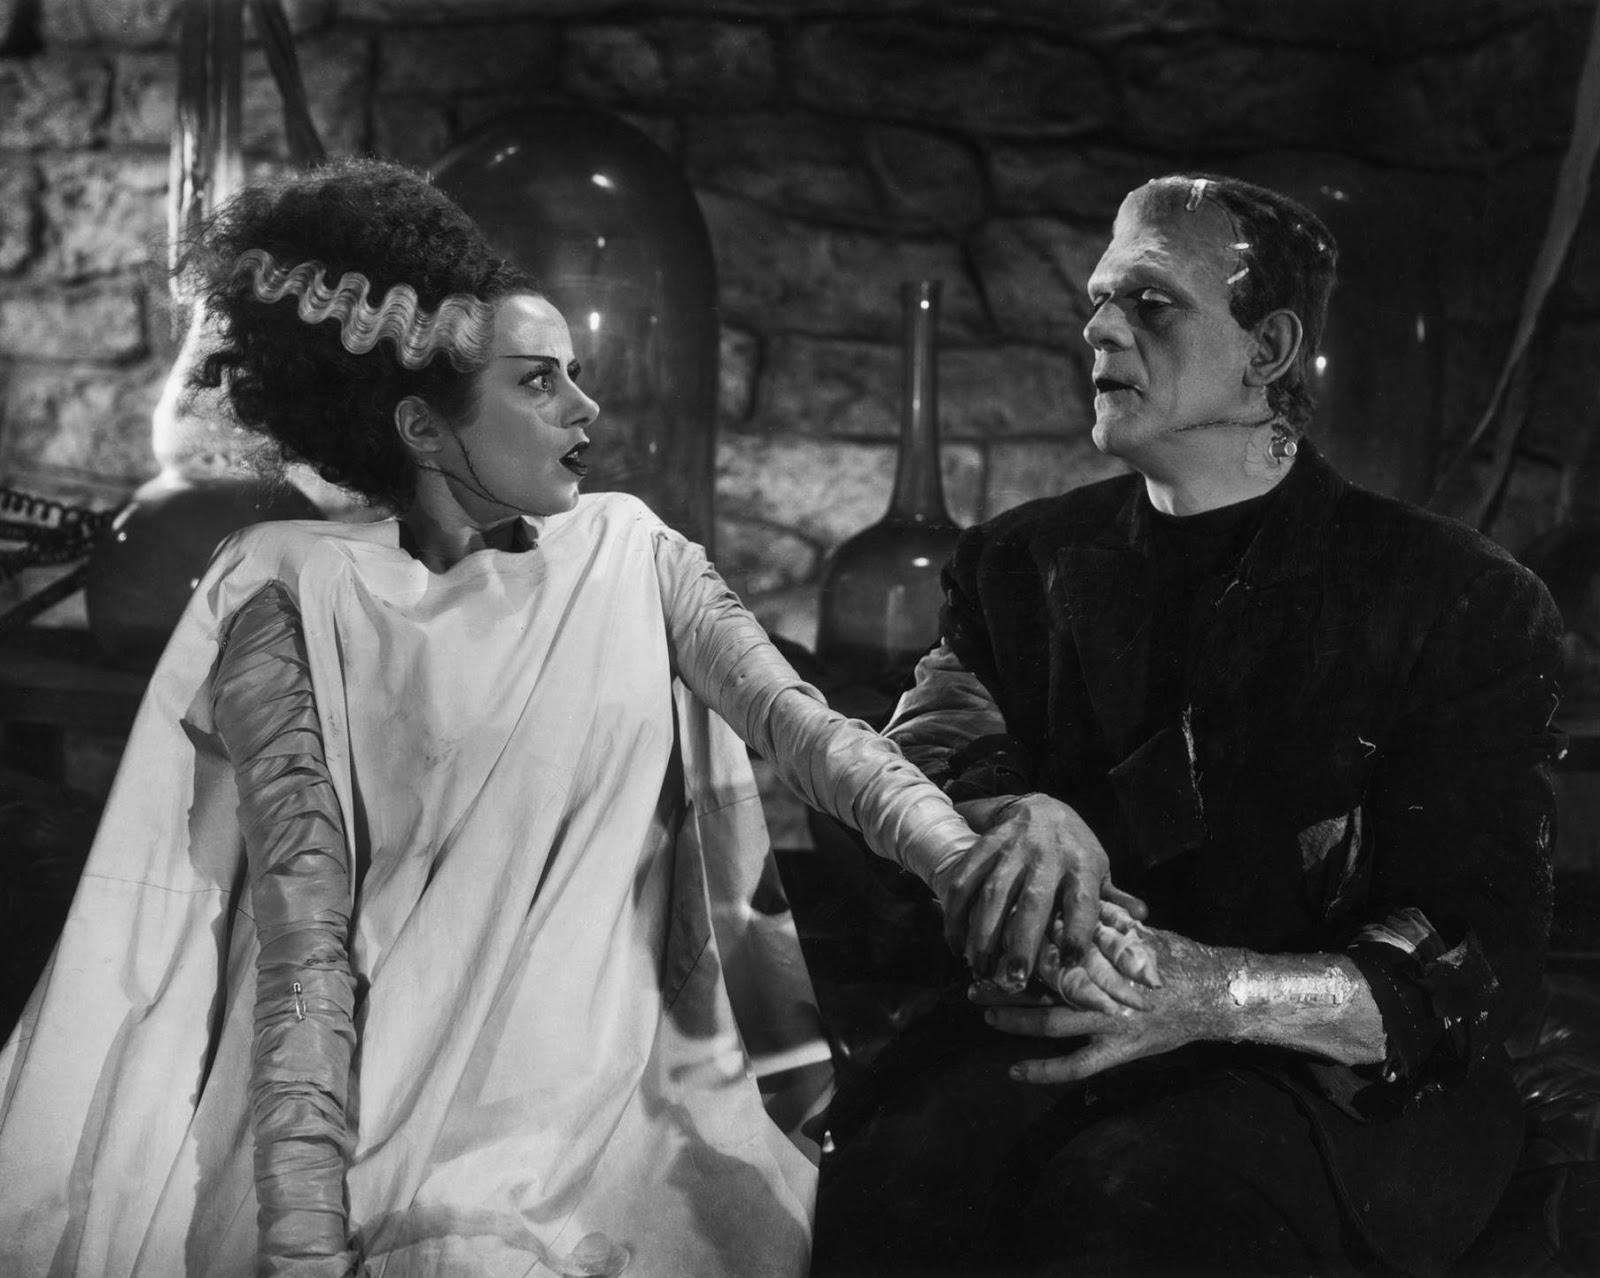 Resultado de imagen de bride of frankenstein 1935